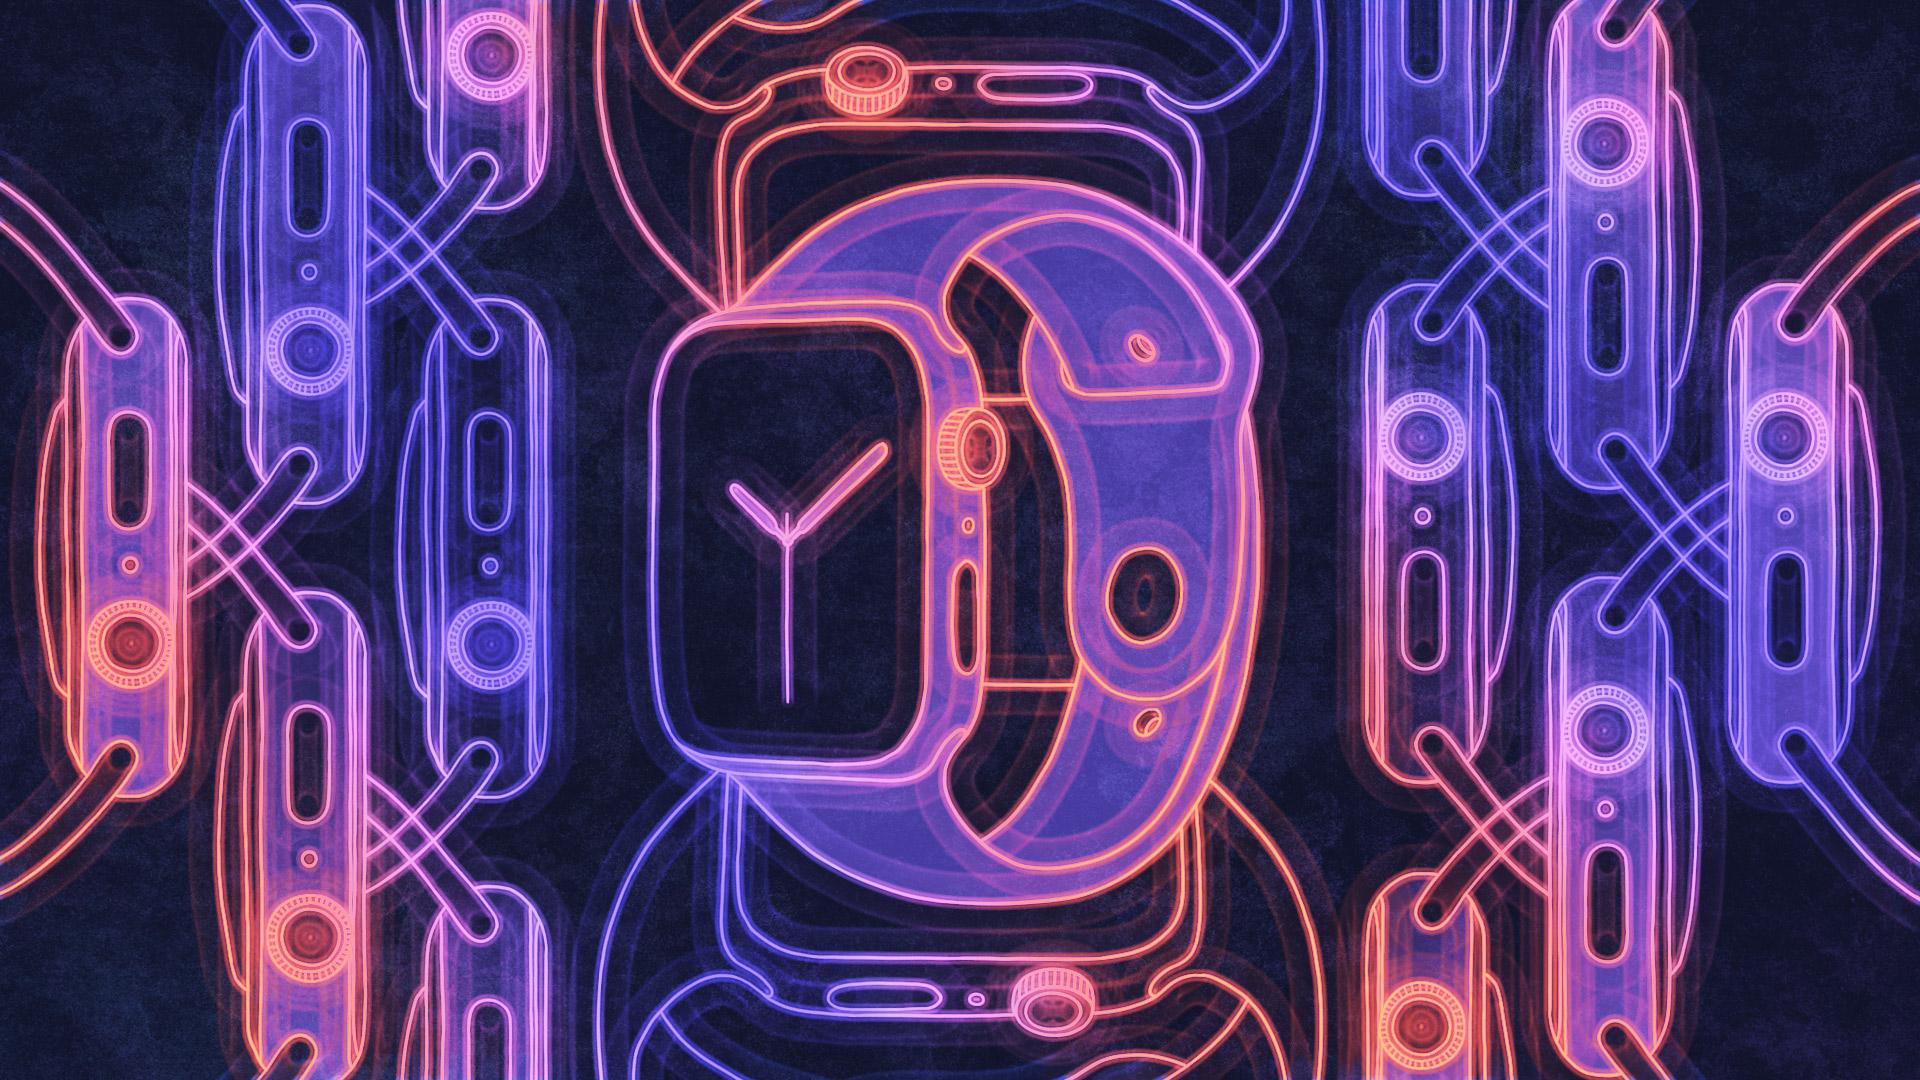 Apple Watch Series 7 поддерживают быструю зарядку с5-Вт адаптерами USB Type-C